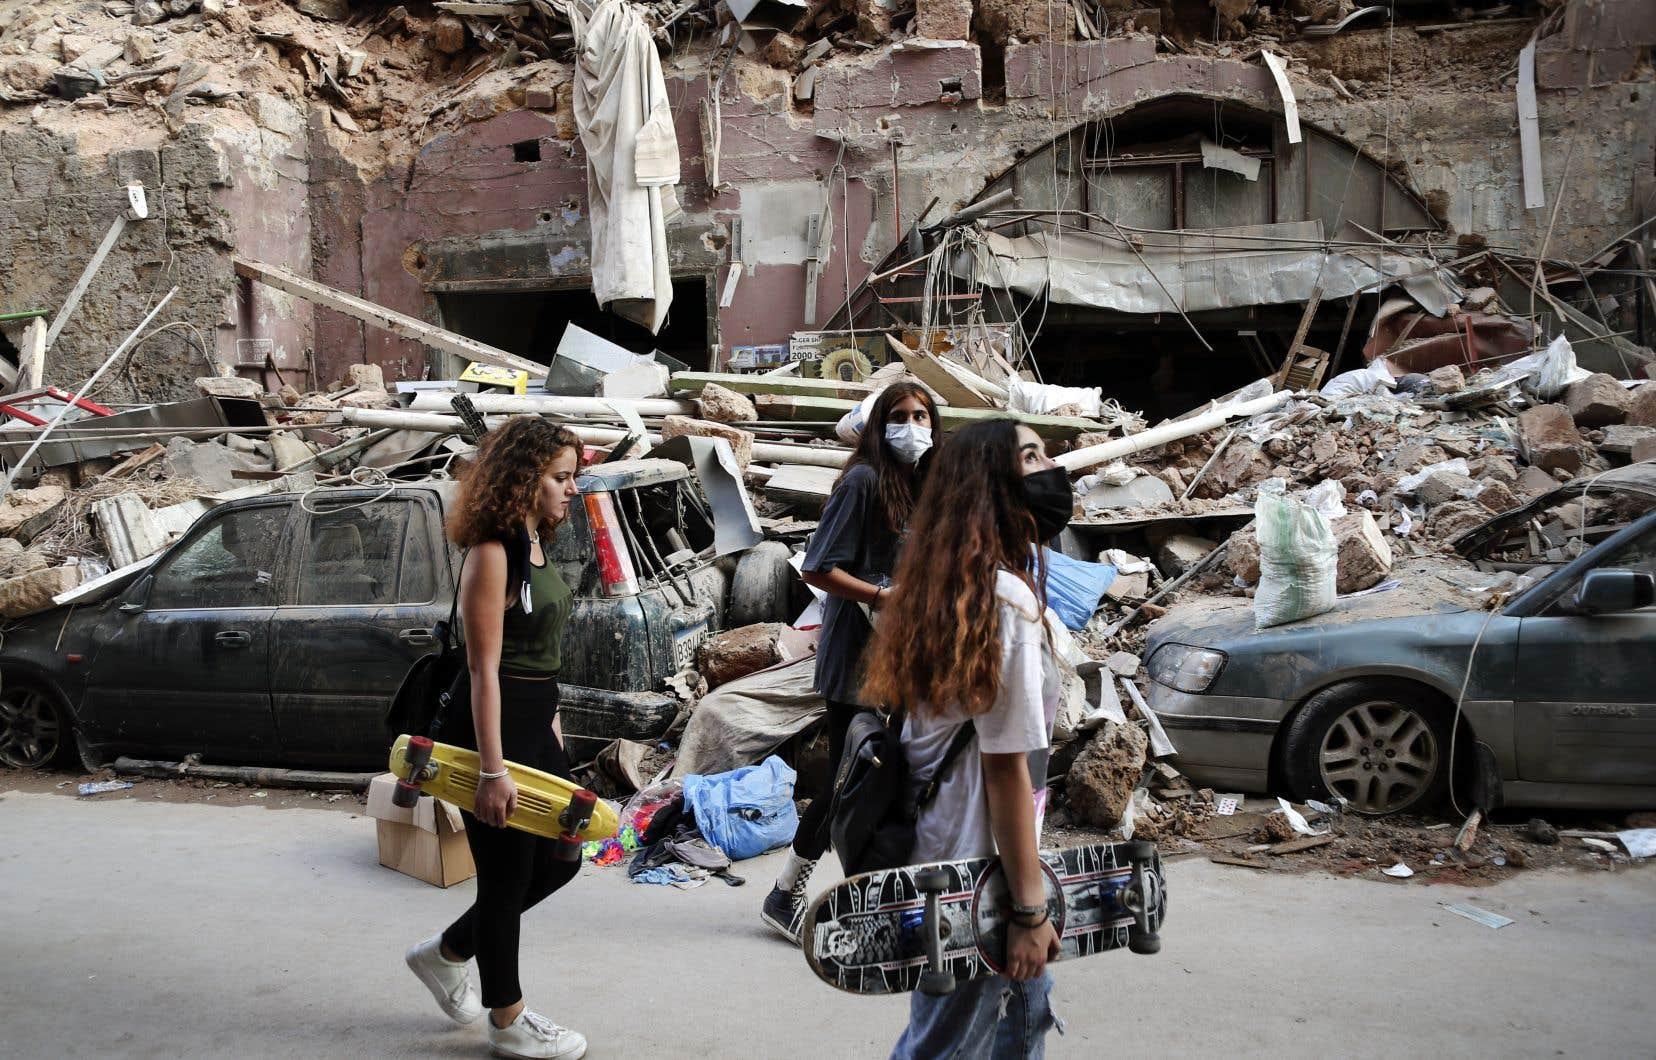 La double déflagration survenue dans le port de Beyrouth avait fait au moins 154 morts et 5000 blessés en date de vendredi.